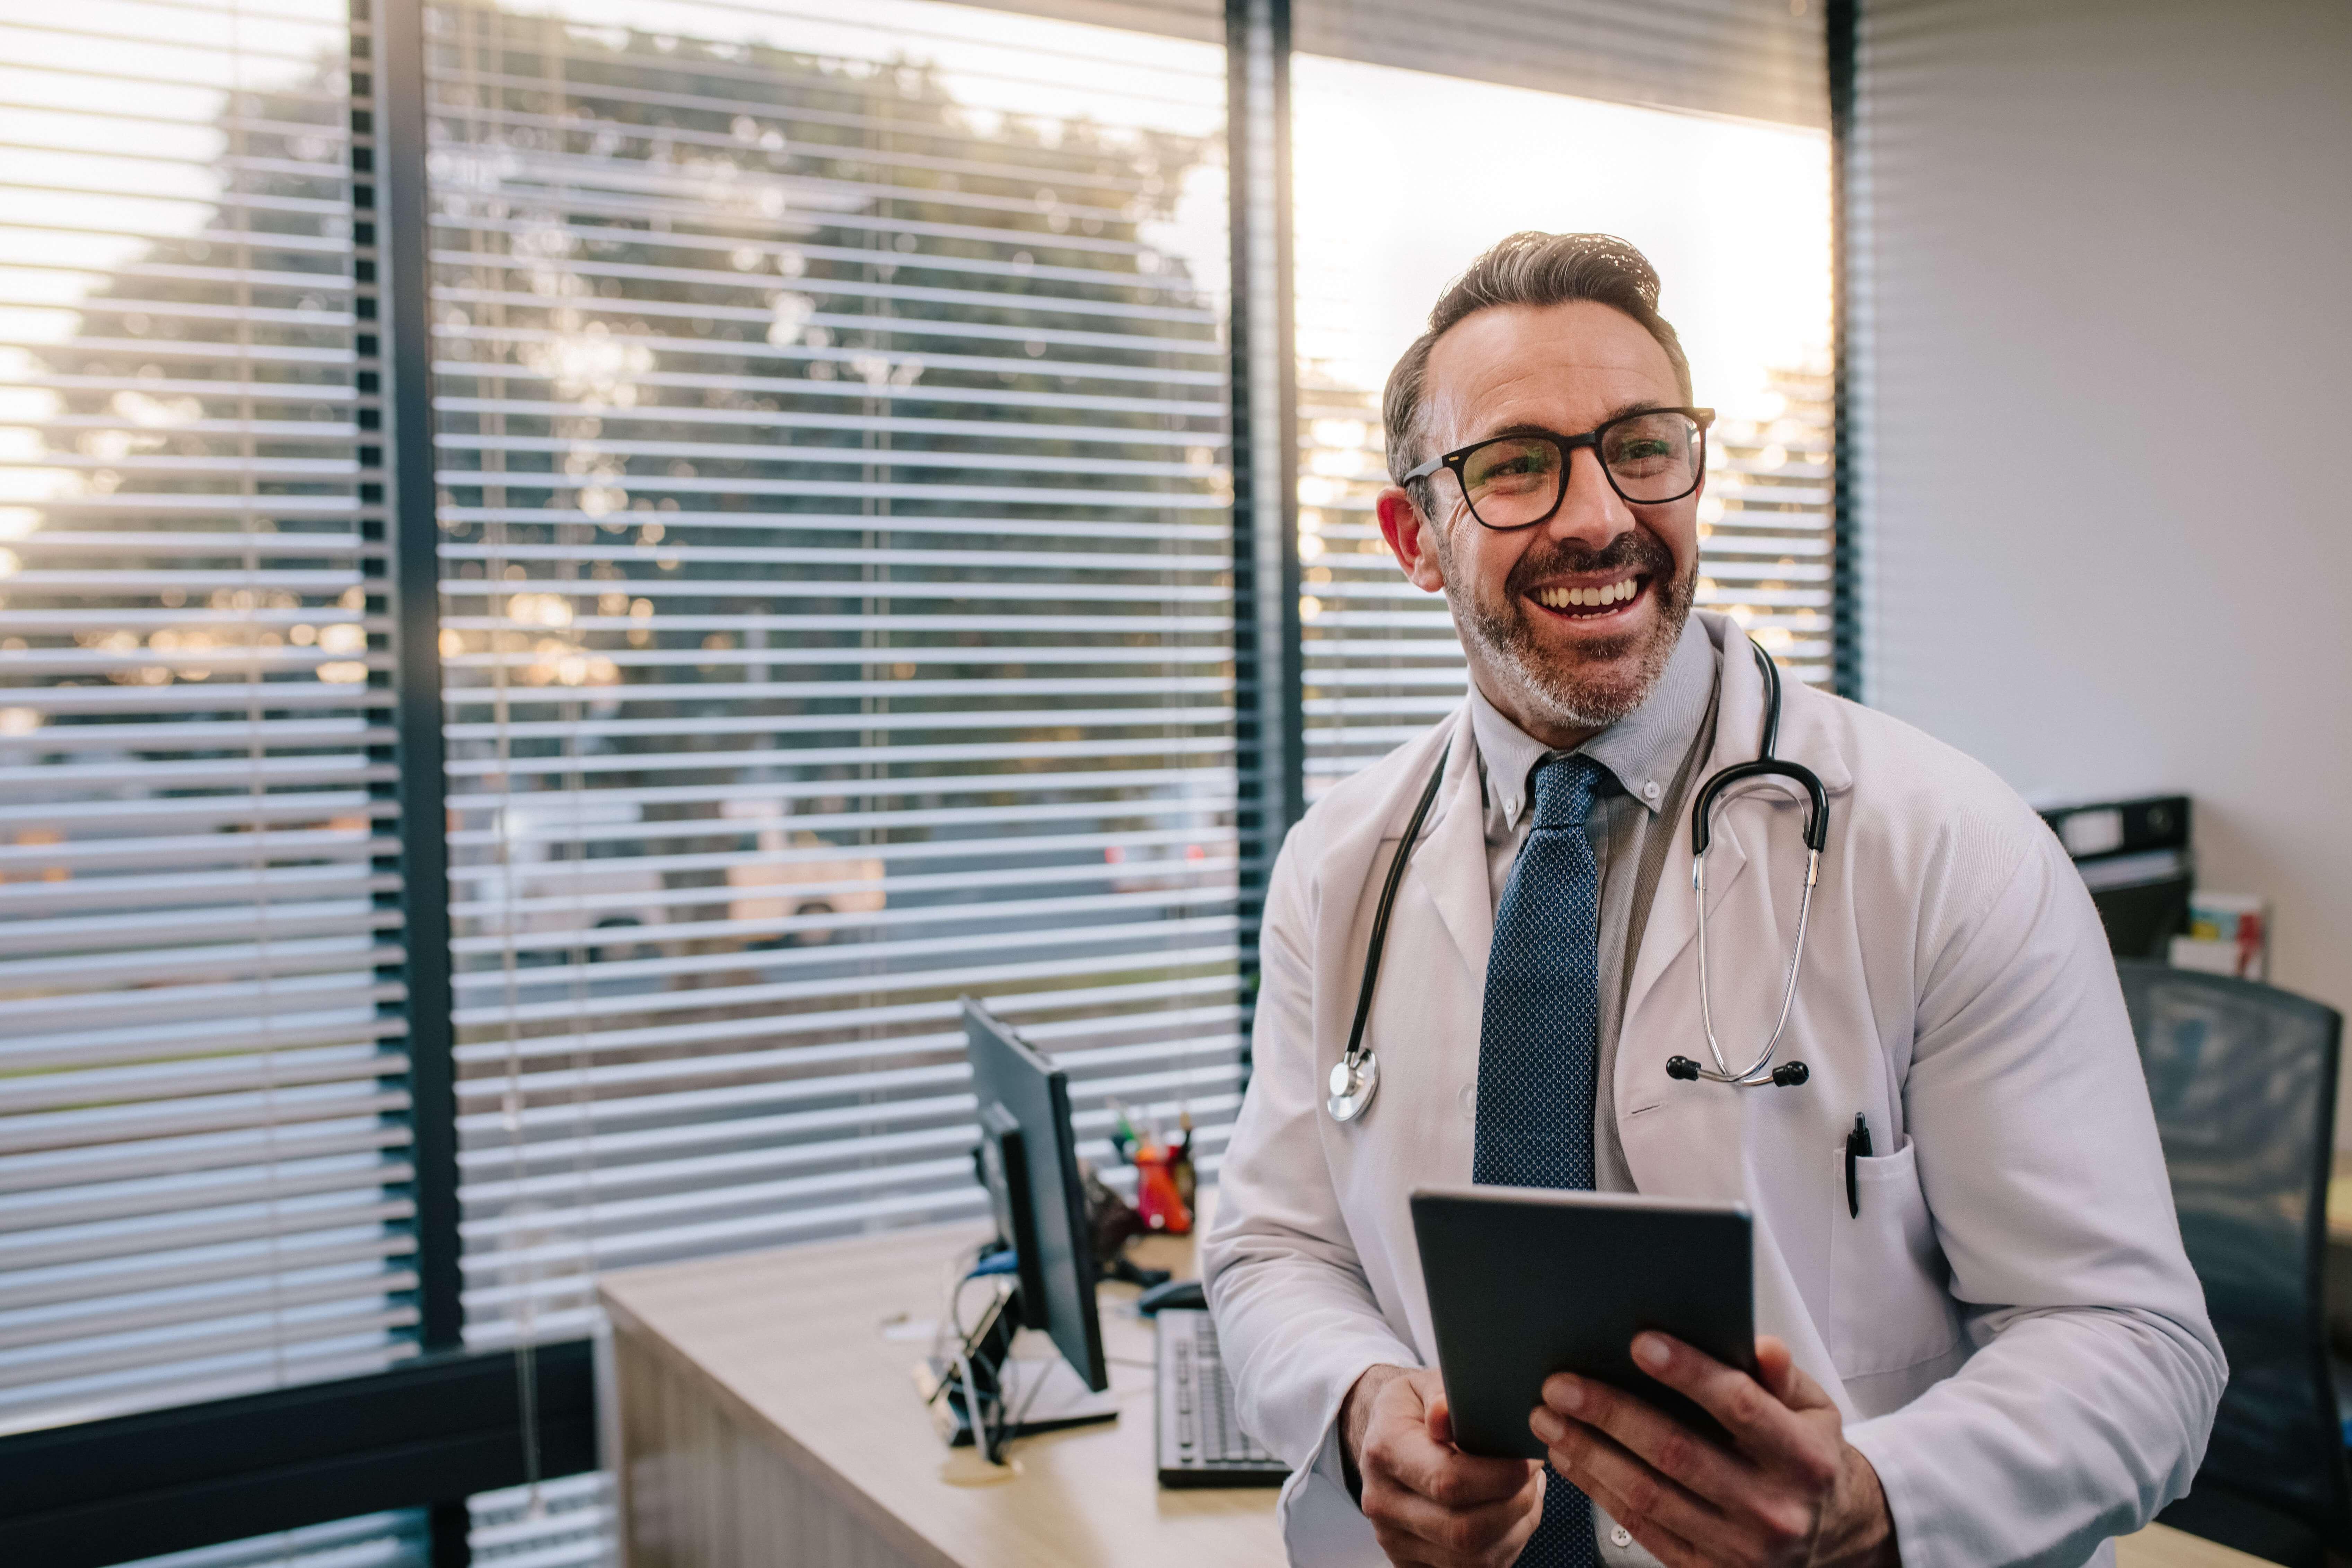 Marketing interactivo: la revolución digital en el sector de la salud